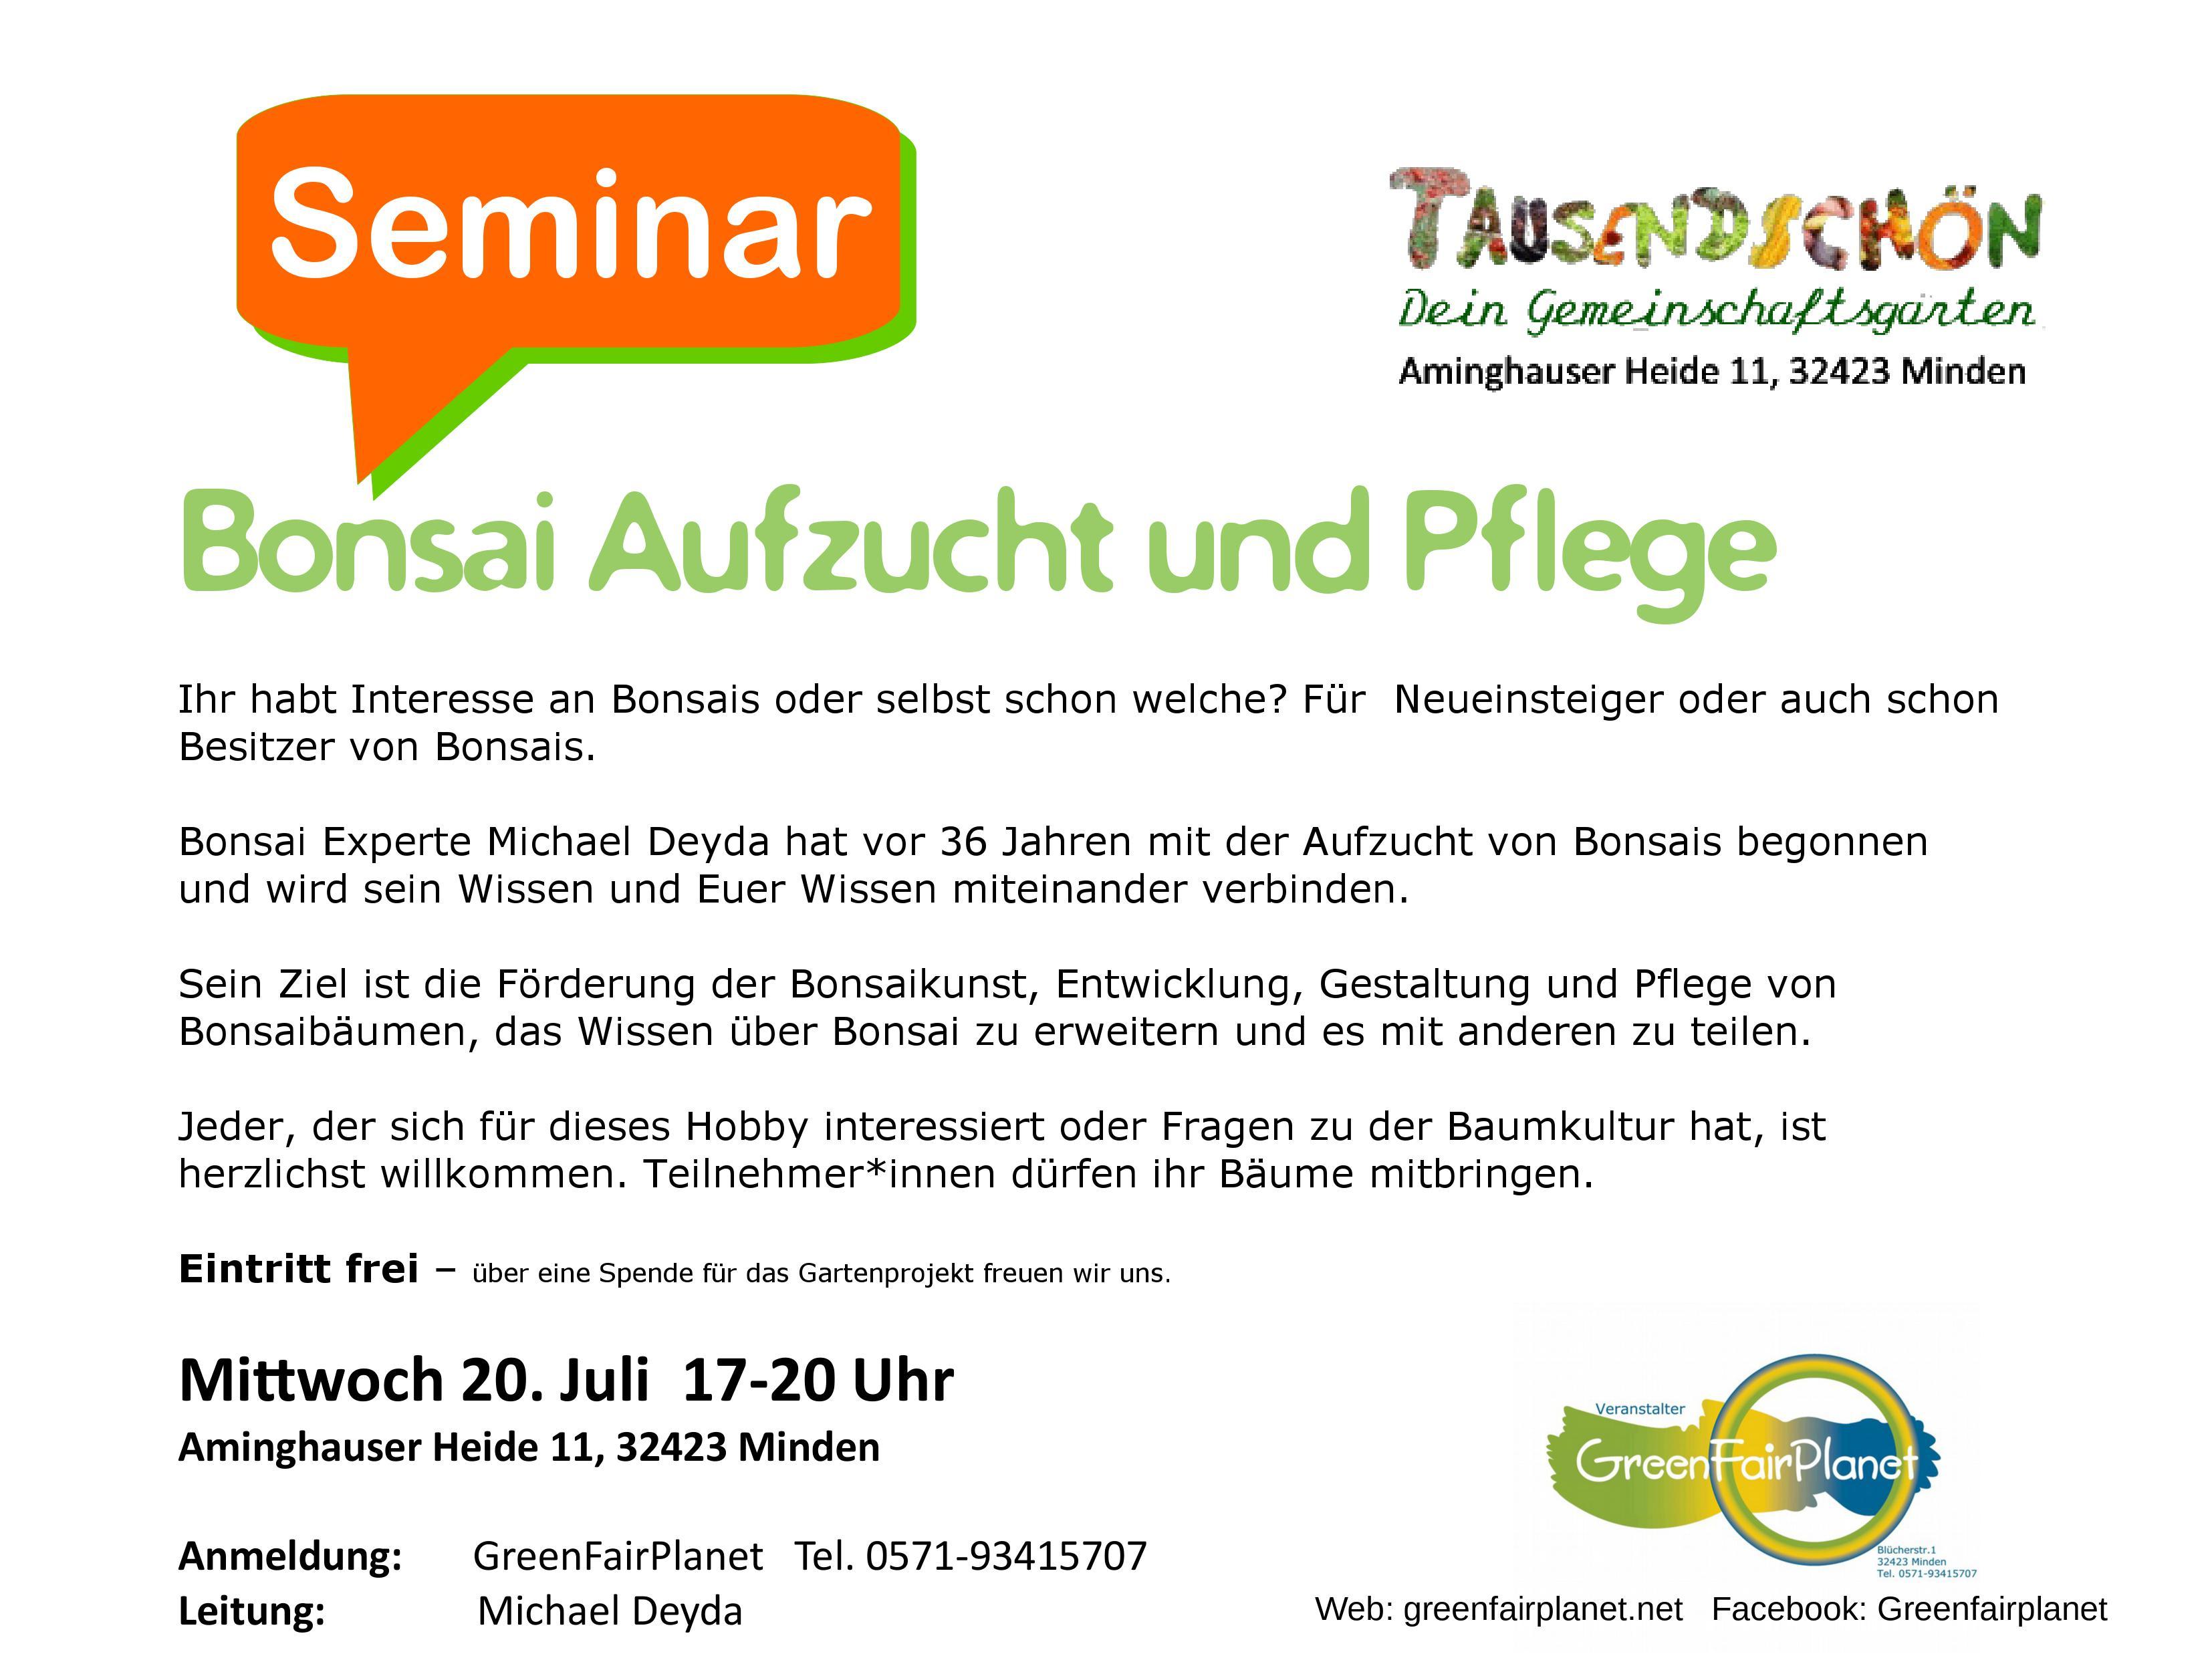 Seminar Bonsai Aufzucht und Pflege